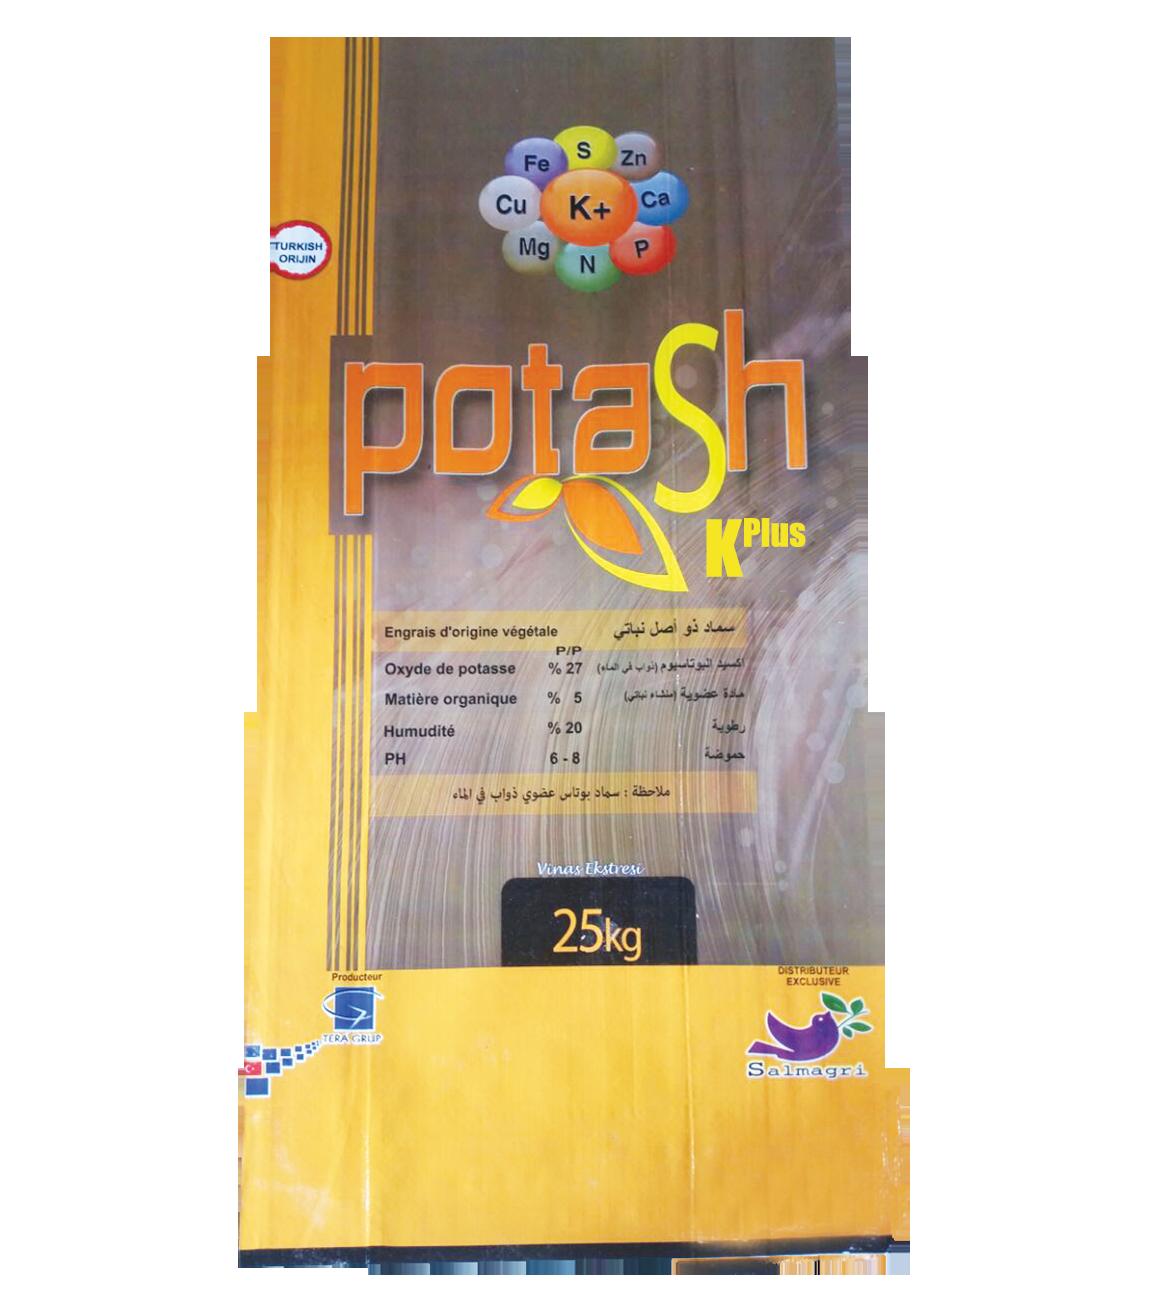 Potash kplus